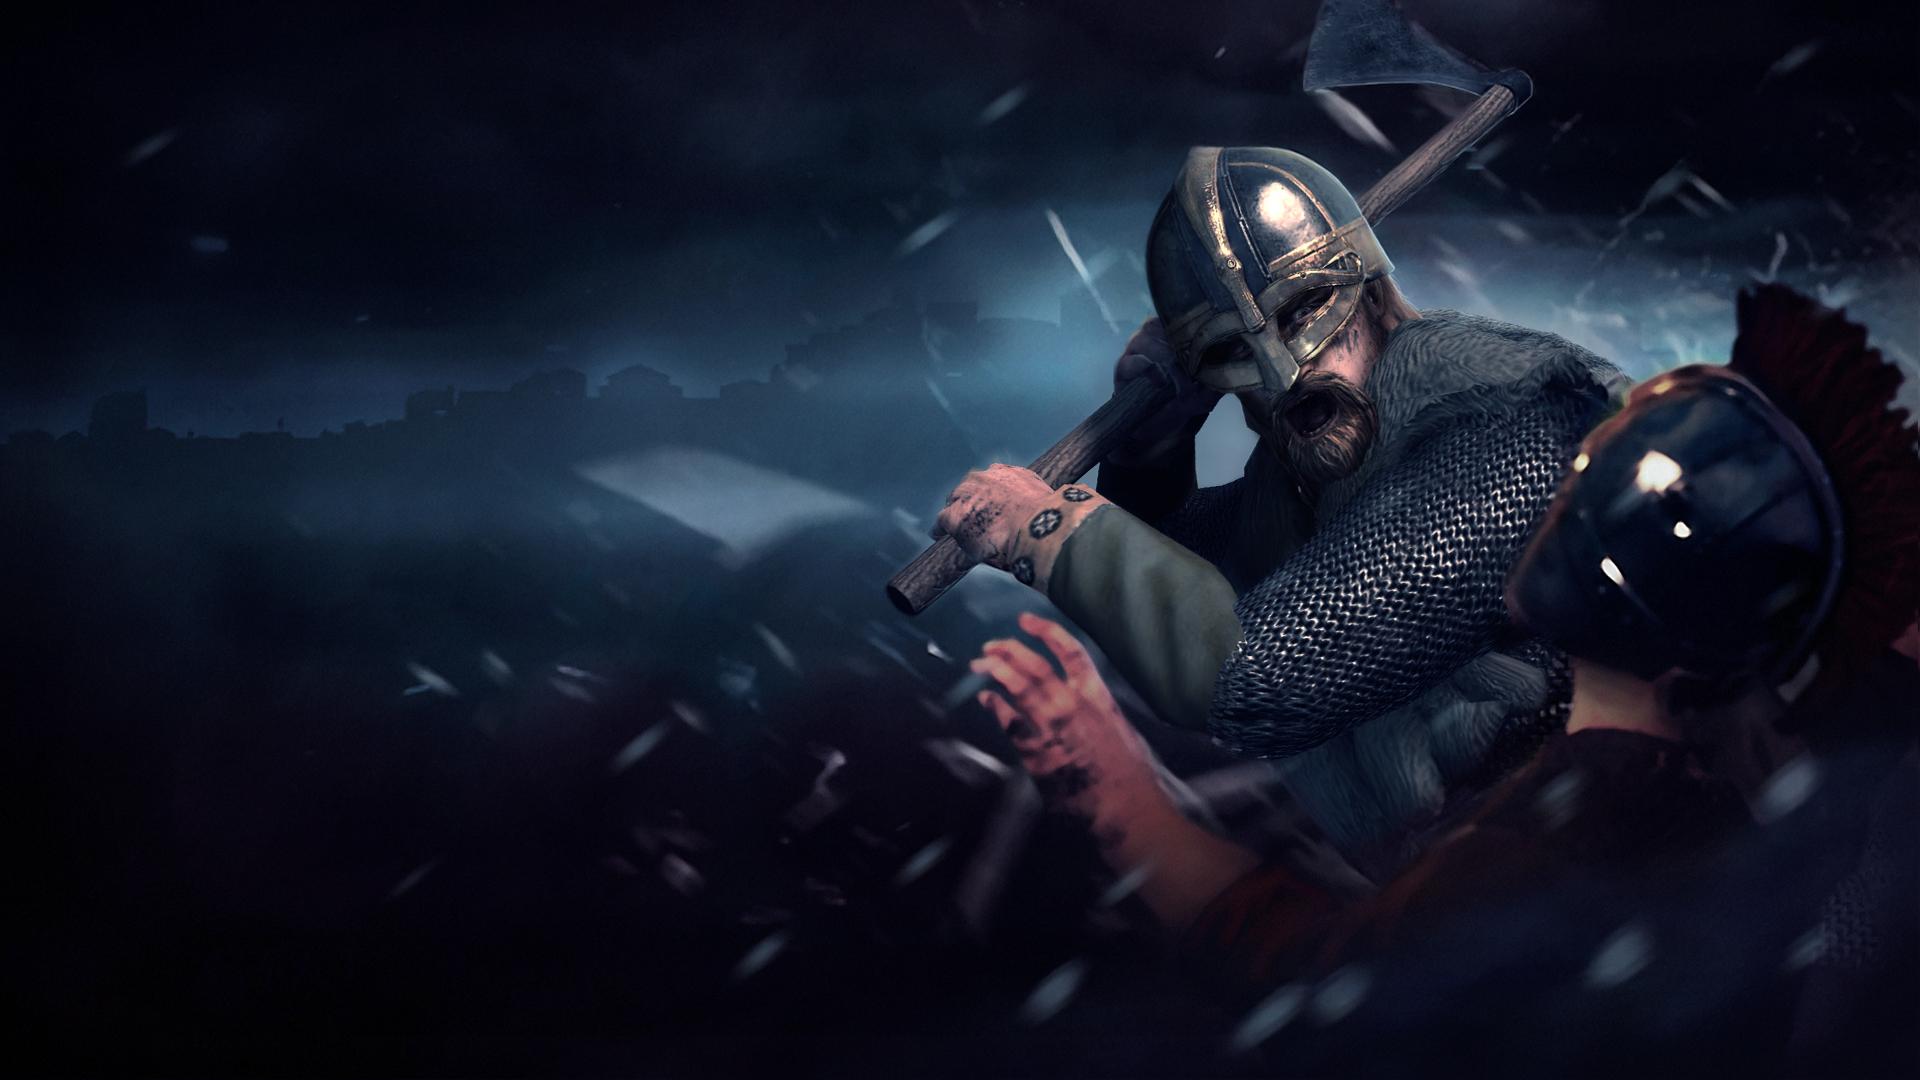 Video Game   Total War Attila Attila War Total Wallpaper 1920x1080